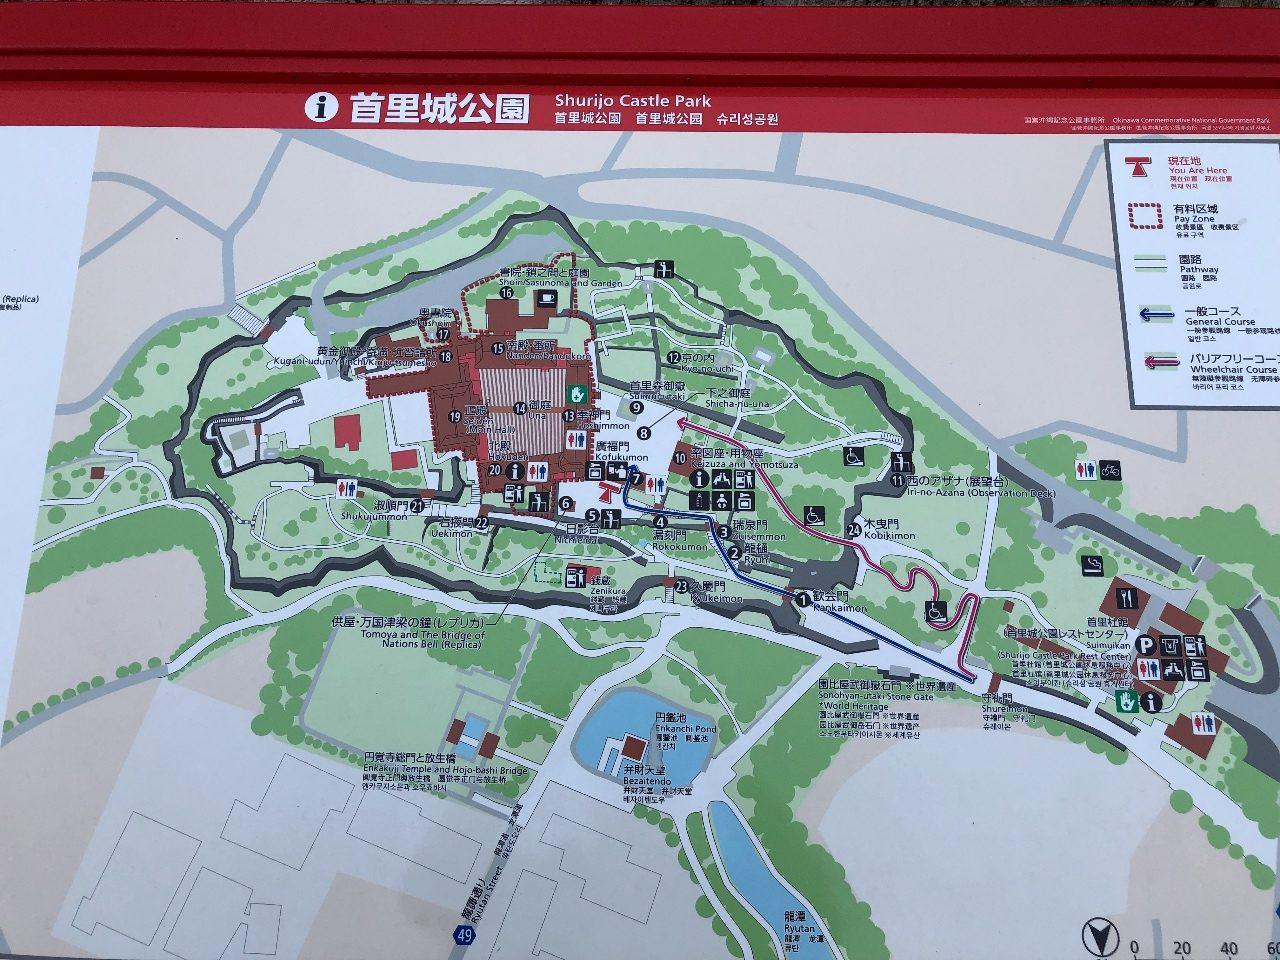 首里城へのアクセス、入場時間、入場料、見学コースについて実体験をもとに語ります【沖縄首里城公園】